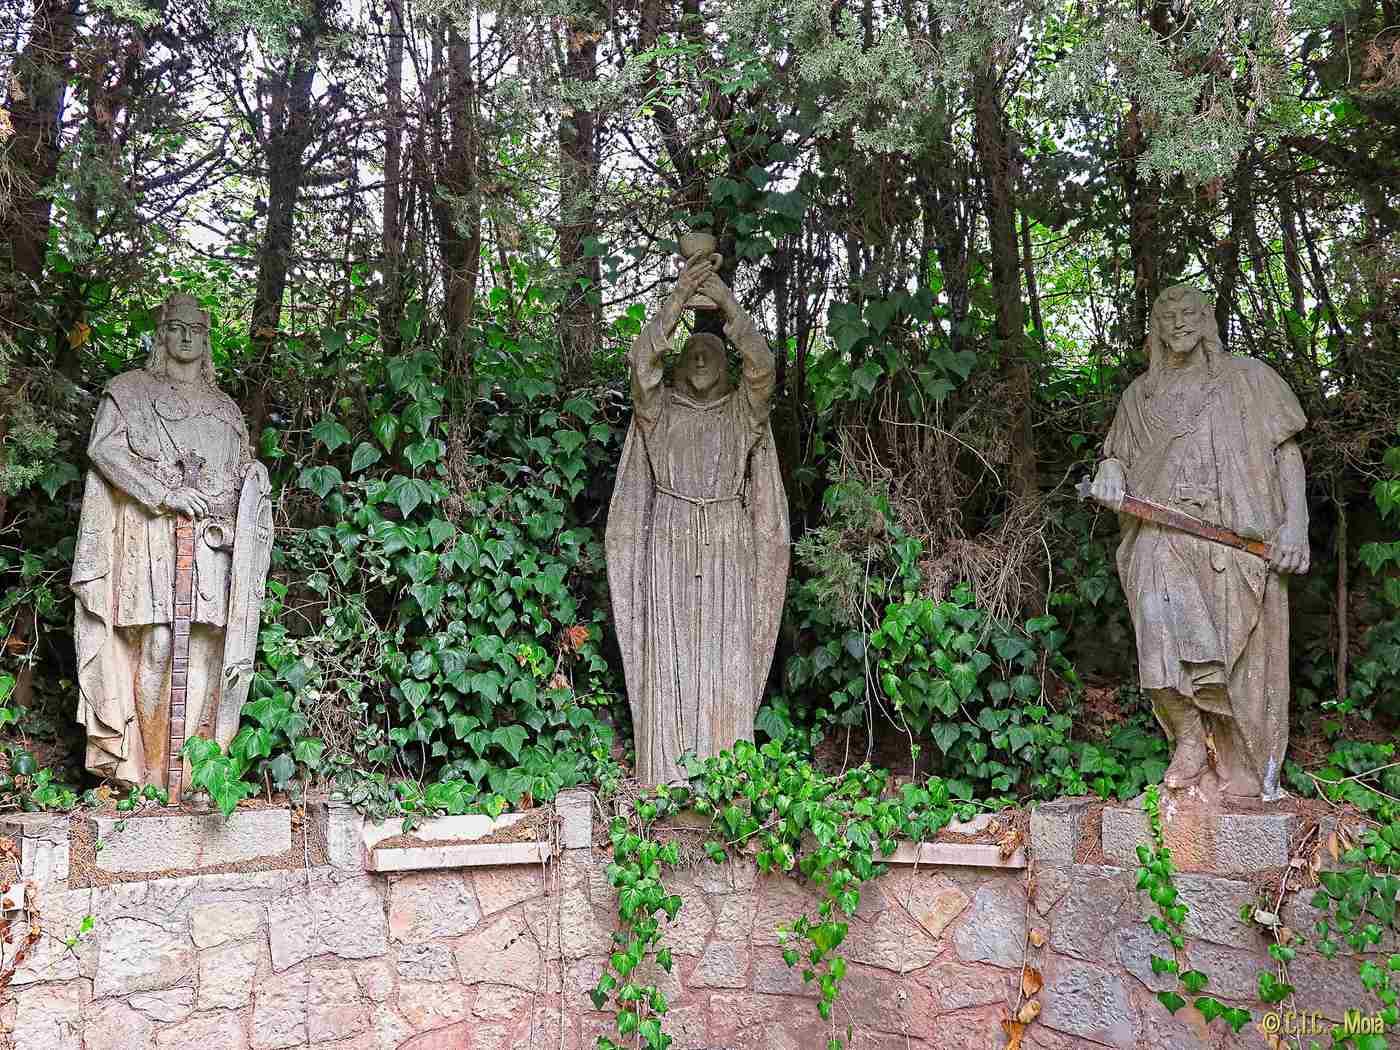 jardi-romantic-moia-CIC_08092015-6787